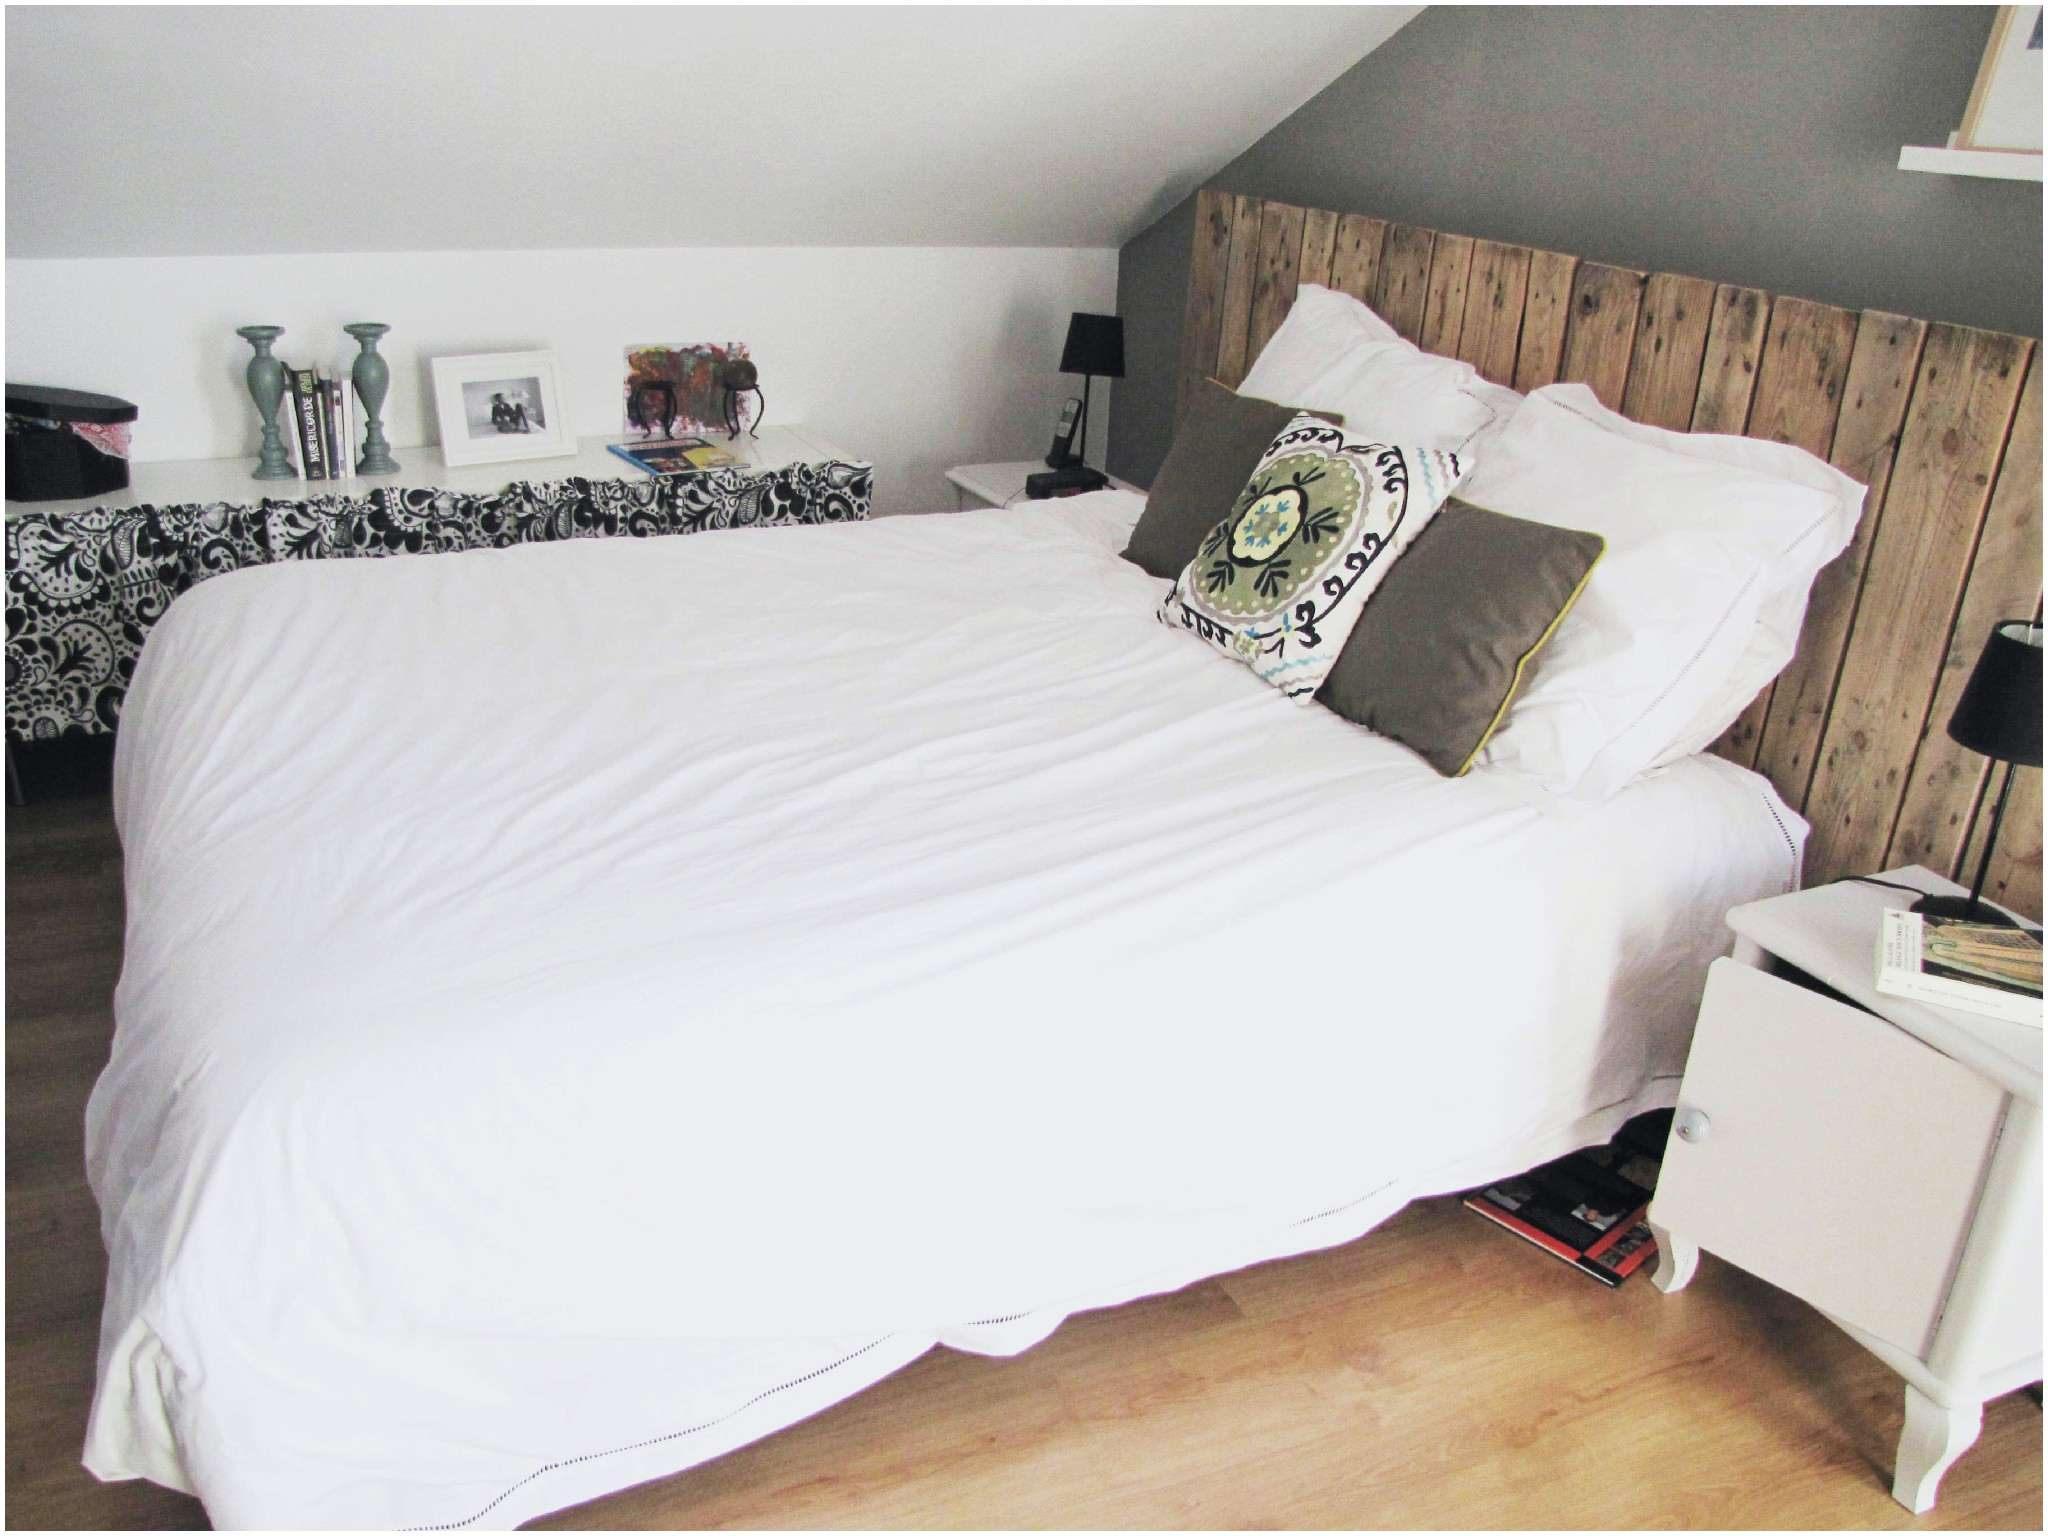 Tete De Lit En Palette A Faire soi Meme De Luxe Le Meilleur De 20 Inspiration Cabane Lit Avec Palette Home Design